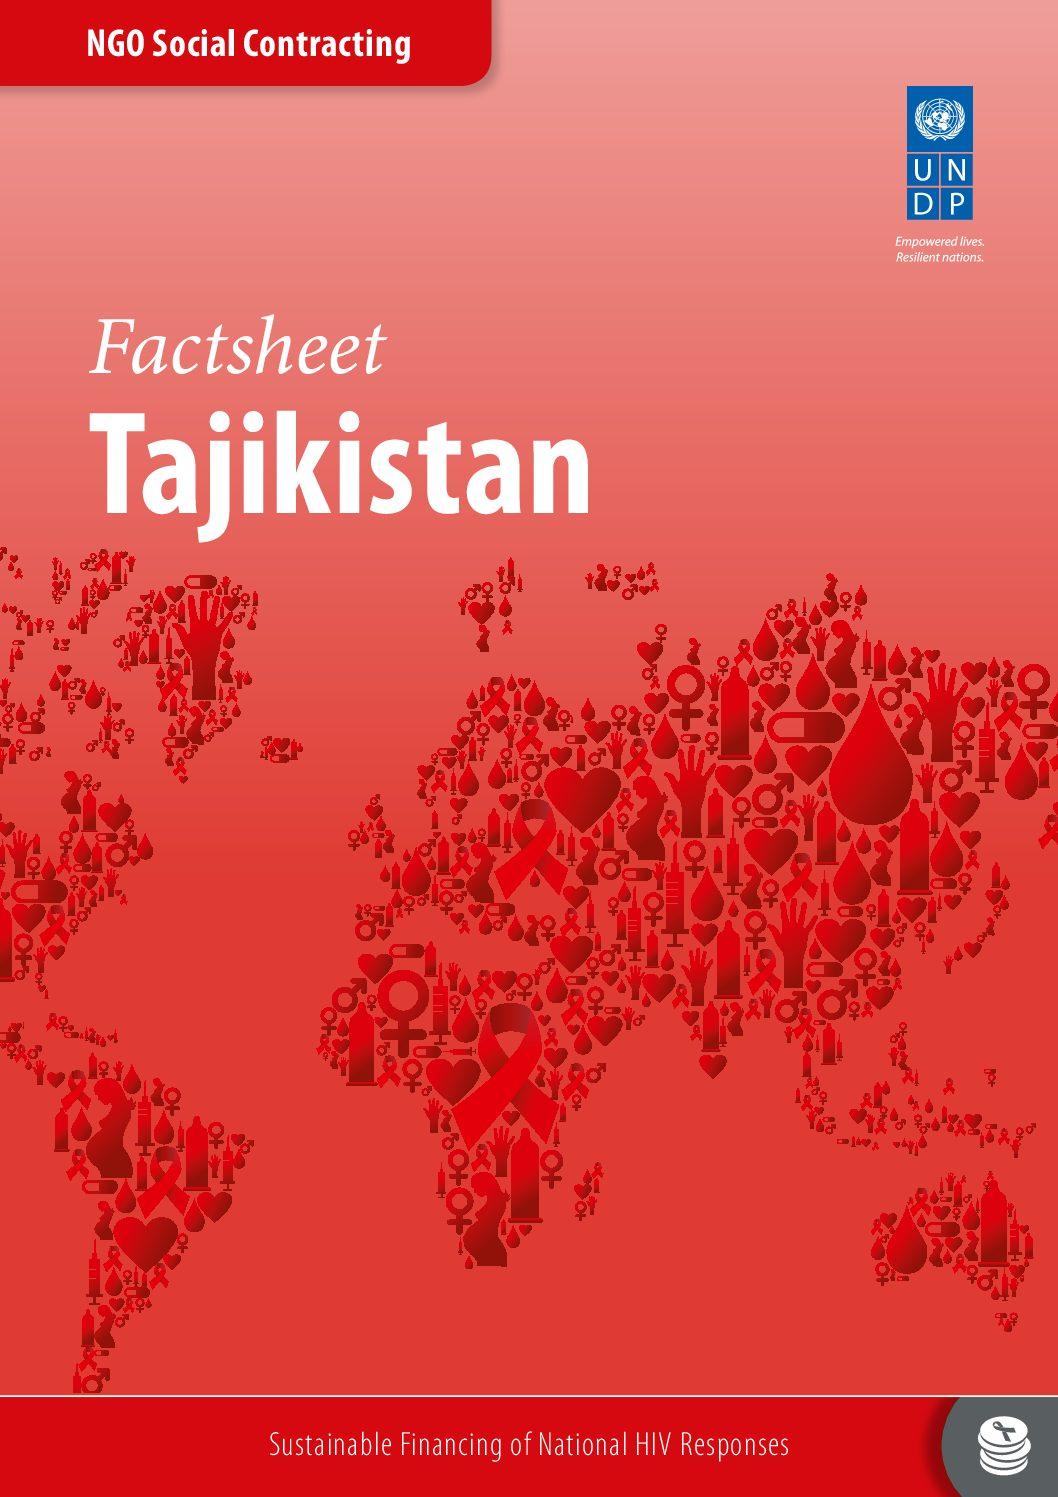 UNDP NGO factsheet Tajikistan.